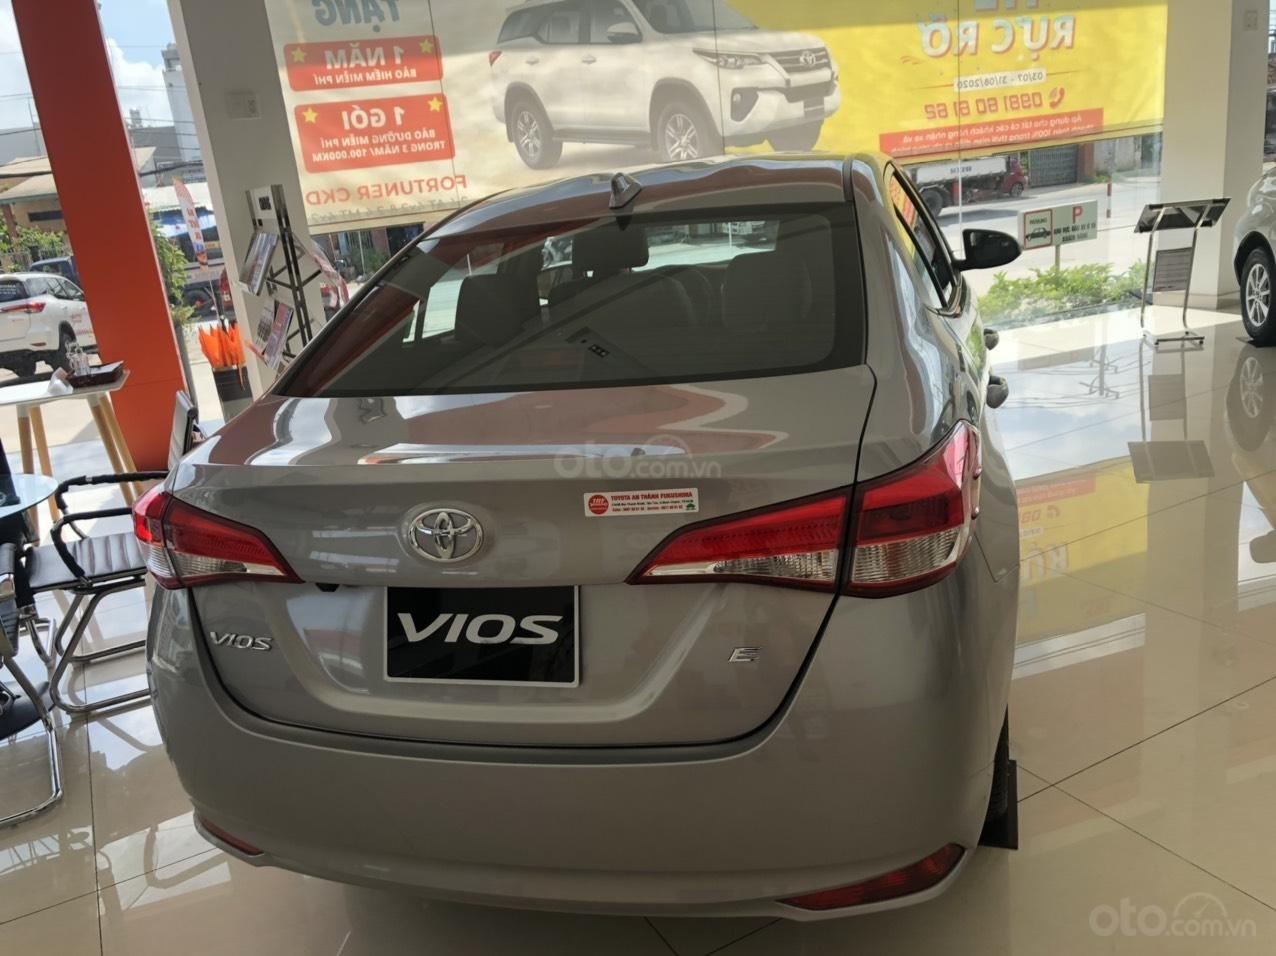 Toyota Vios 1.5 số sàn - mua trả góp với 119 triệu - khuyến mãi ngay tiền mặt, hỗ trợ trước bạ xe (4)